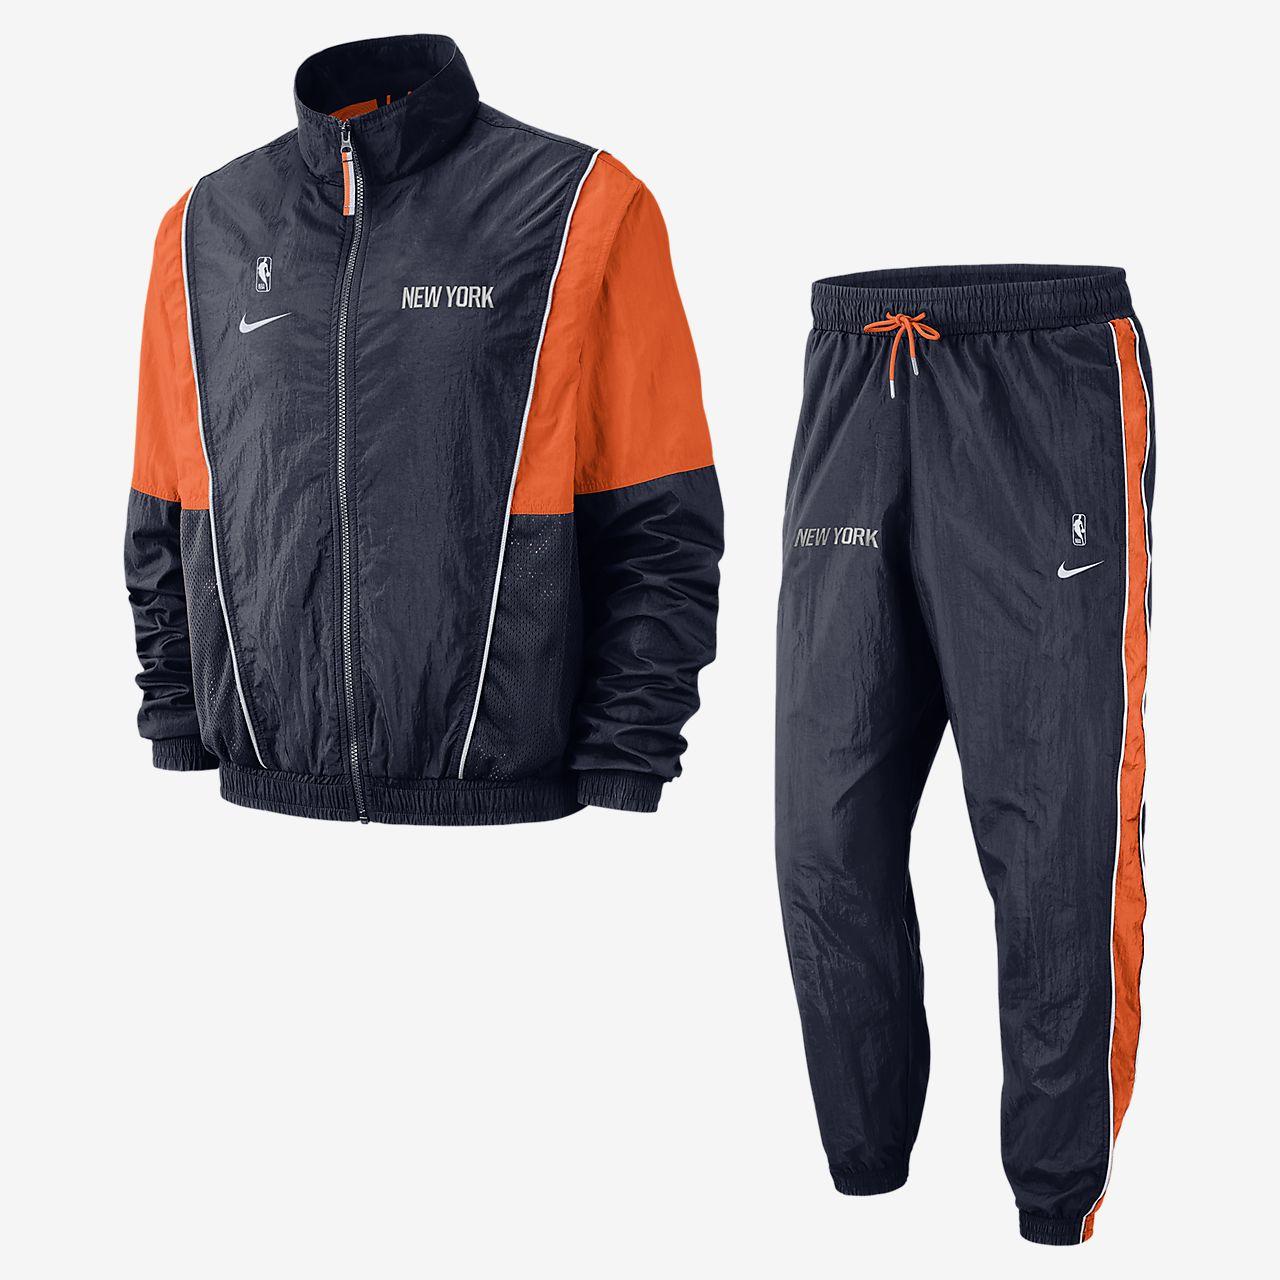 san francisco 12314 57e20 ... Survêtement NBA New York Knicks Nike pour Homme